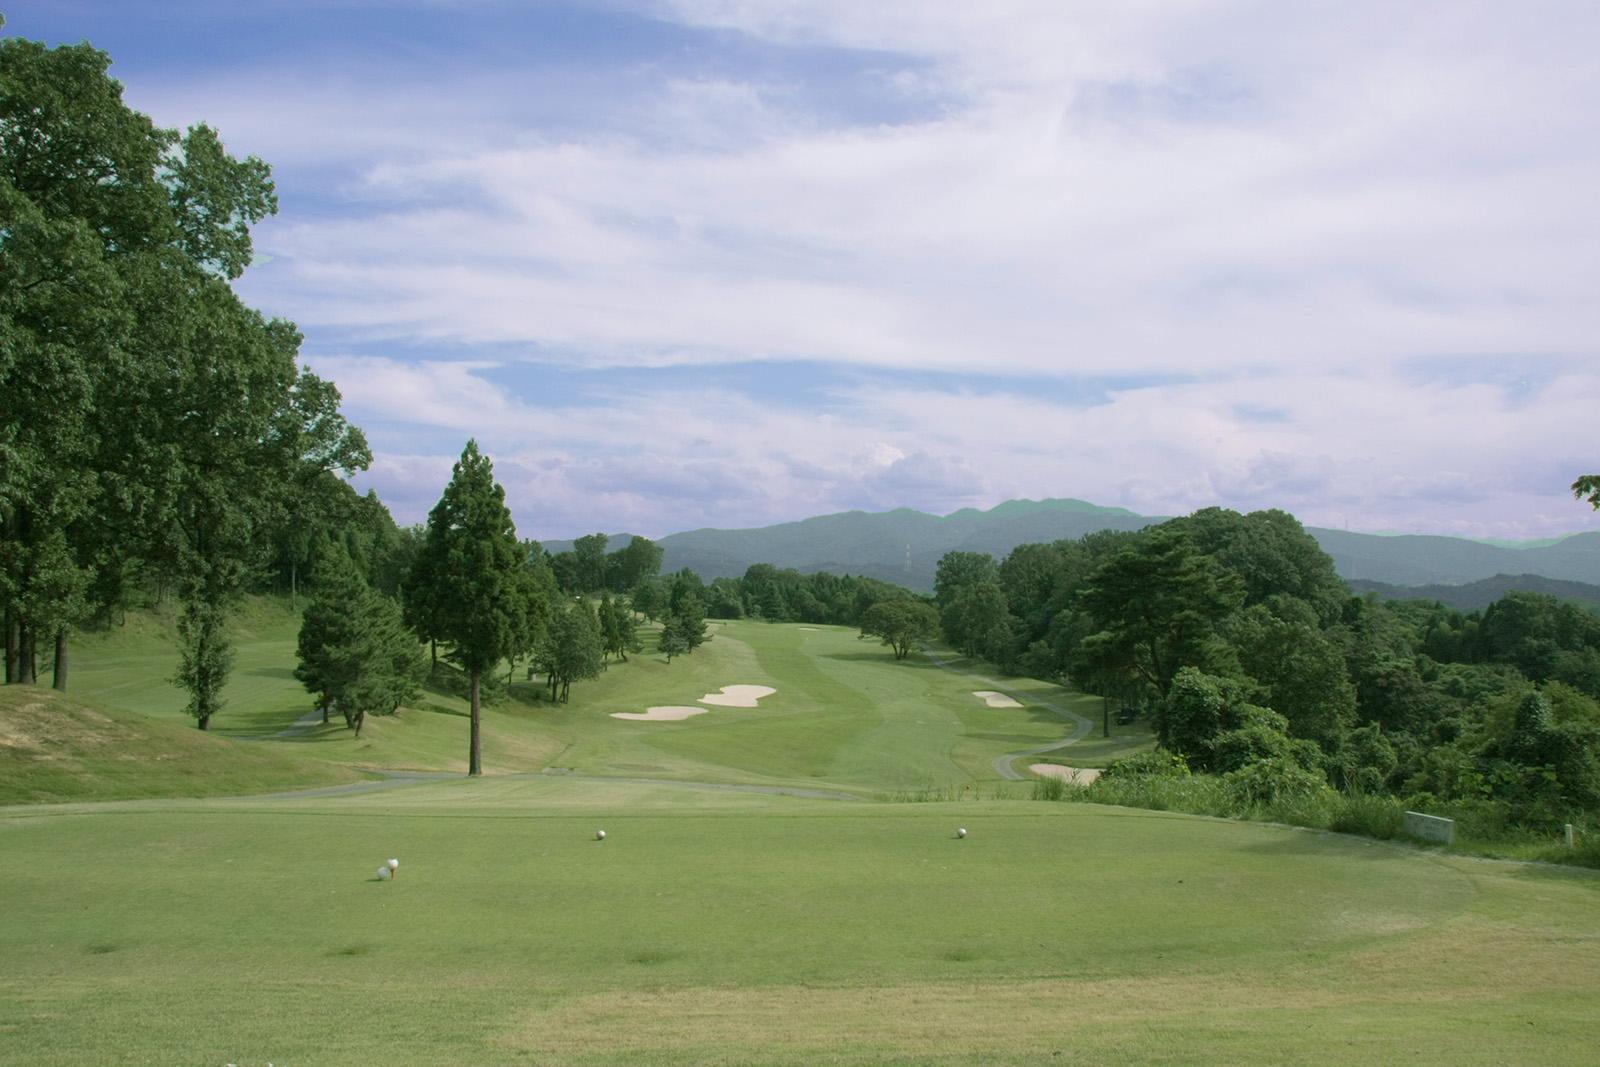 石川県・チェリーゴルフクラブ金沢東コース